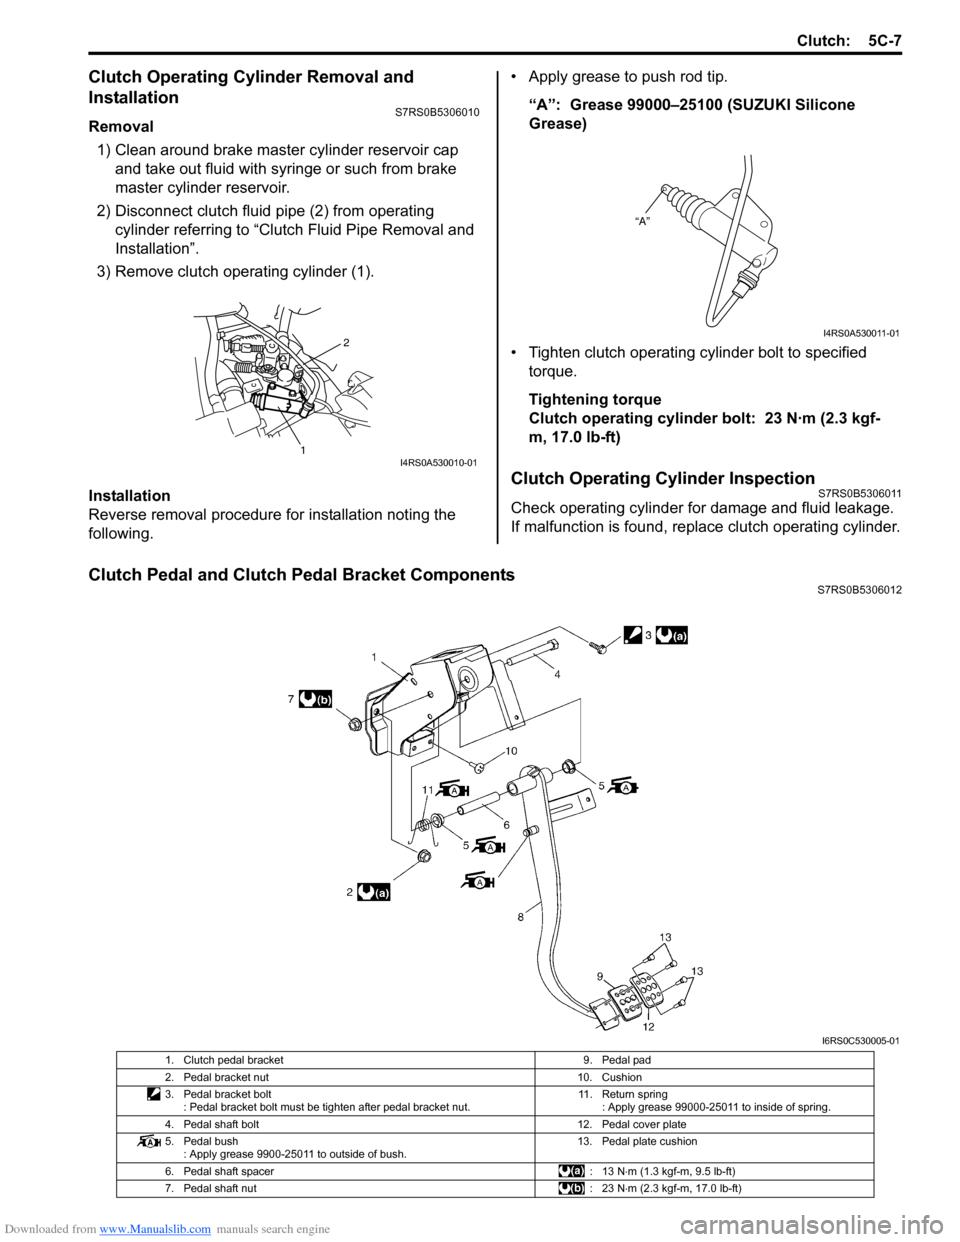 SUZUKI SWIFT 2007 2.G Service Workshop Manual